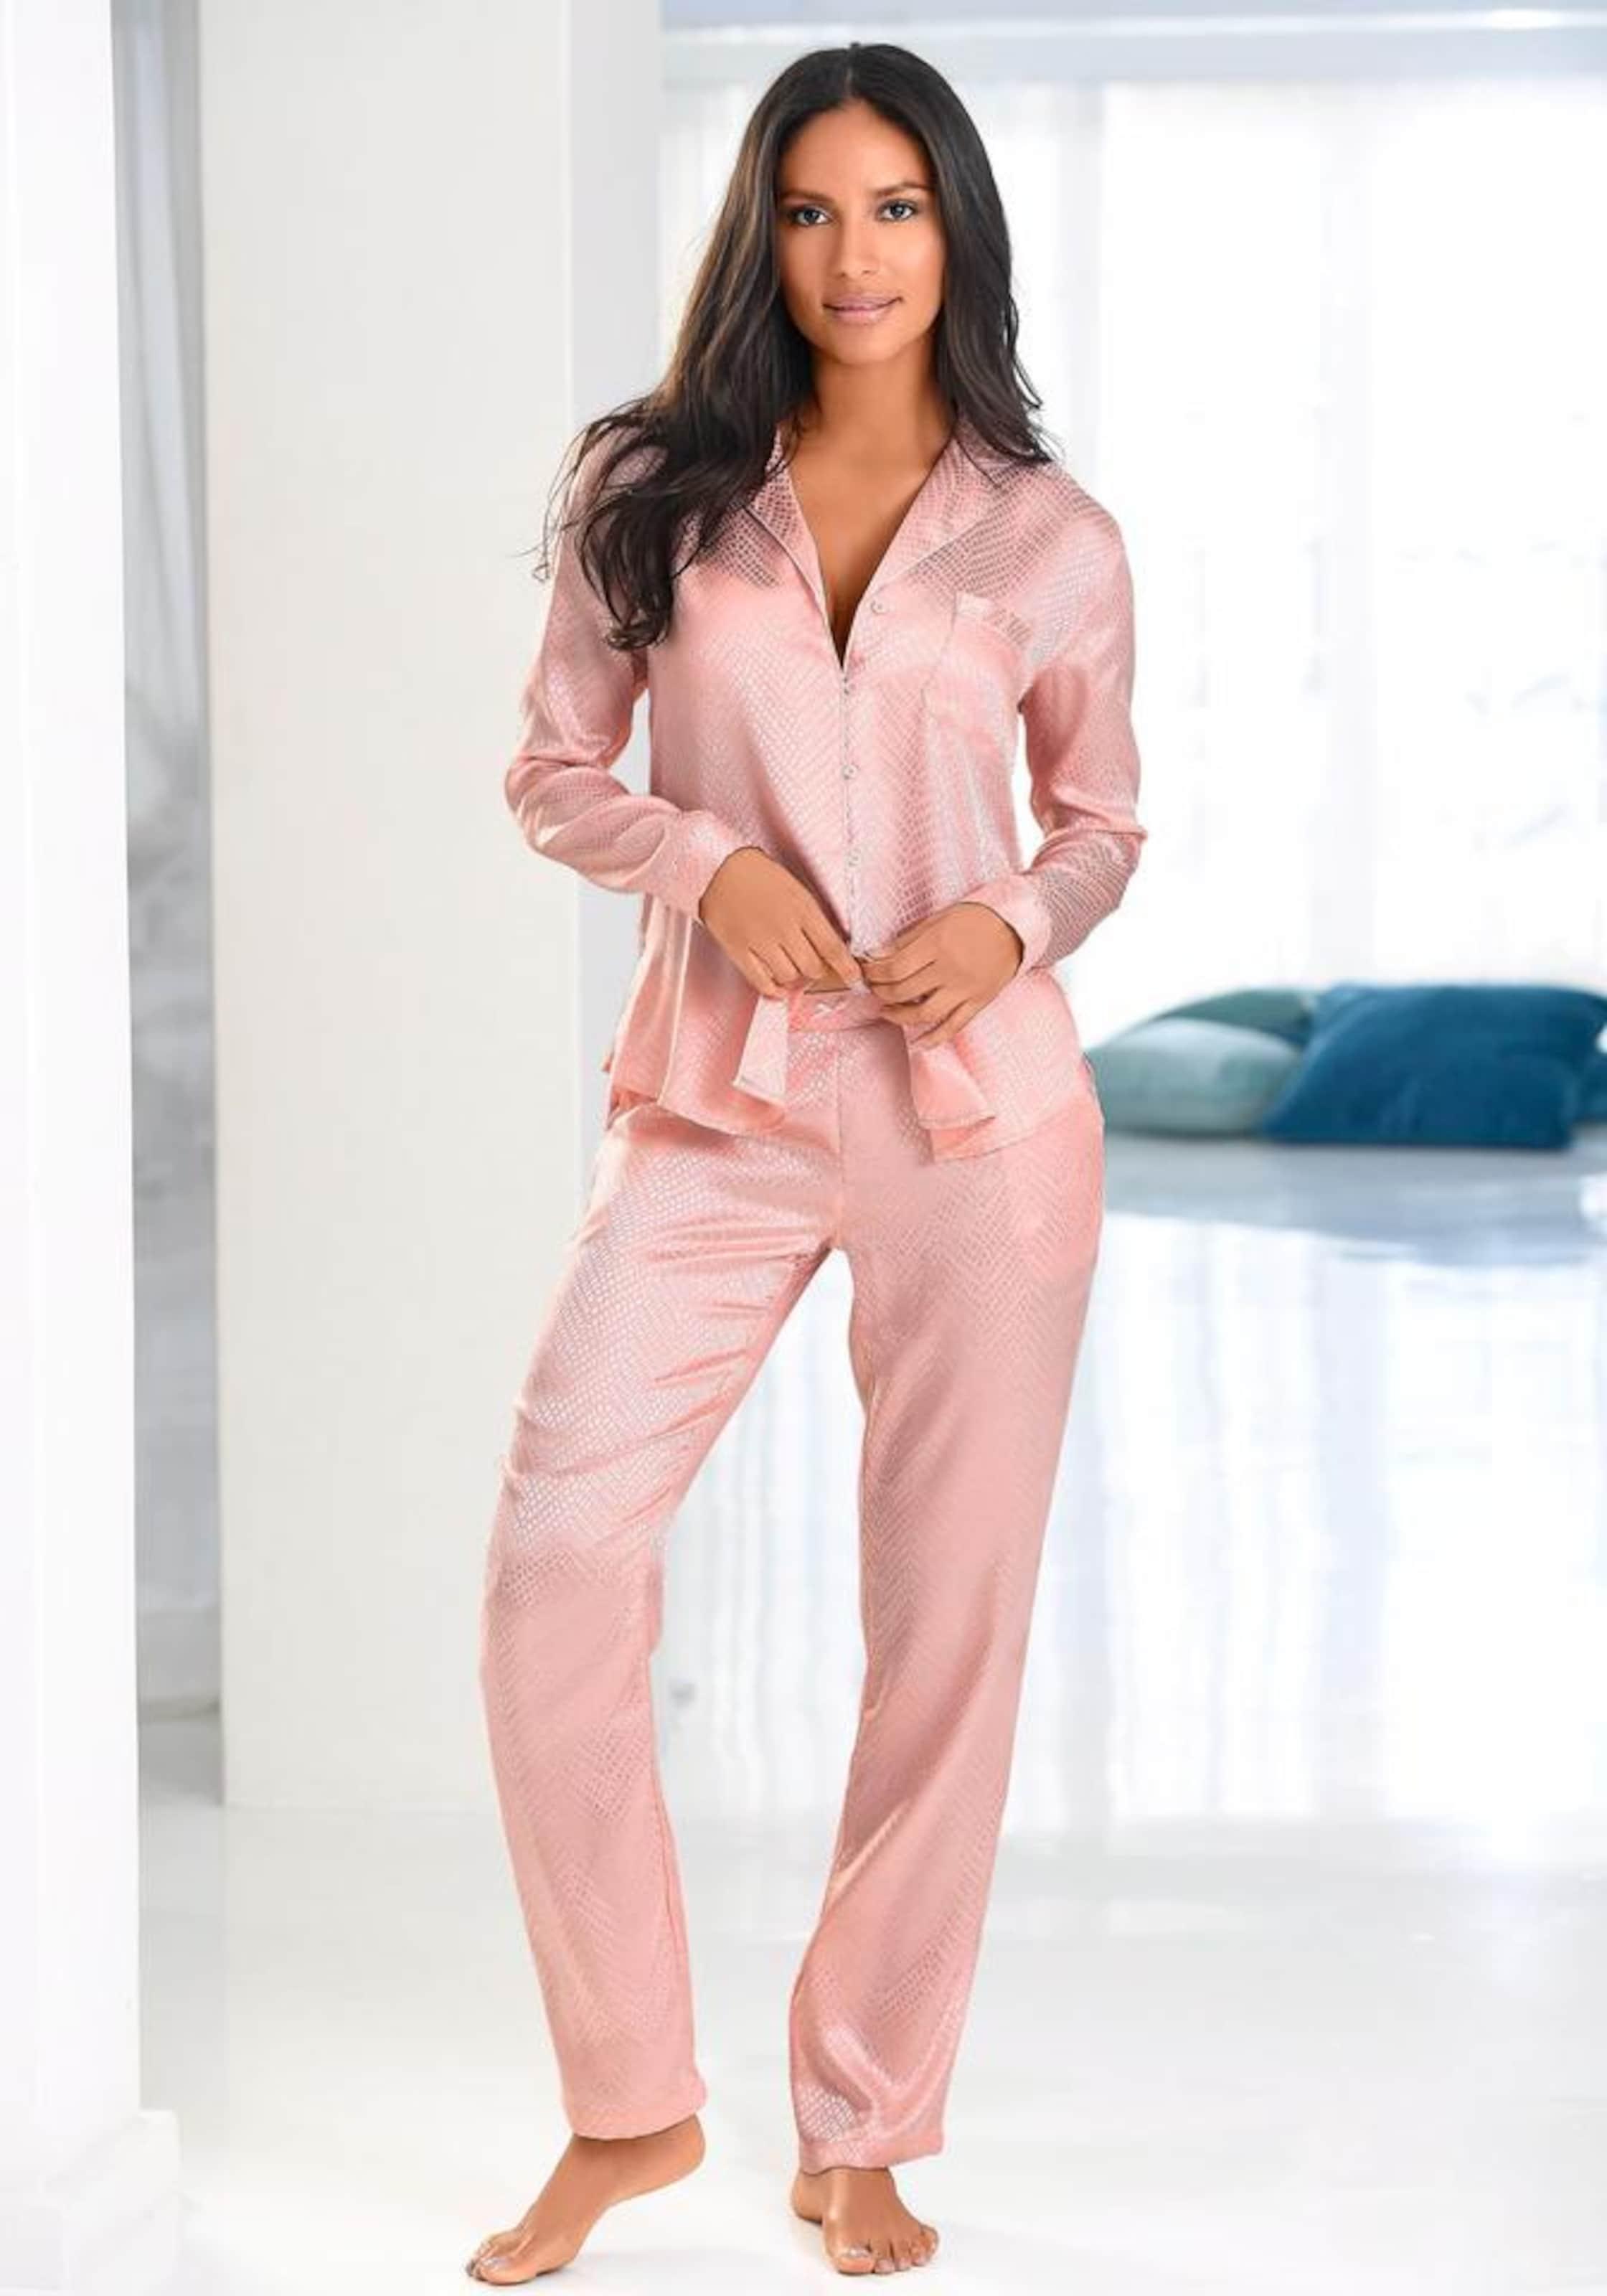 Billig Einkaufen LASCANA Pyjama Günstiger Versand Auslass Finish Online Billigsten 71qjZycAu